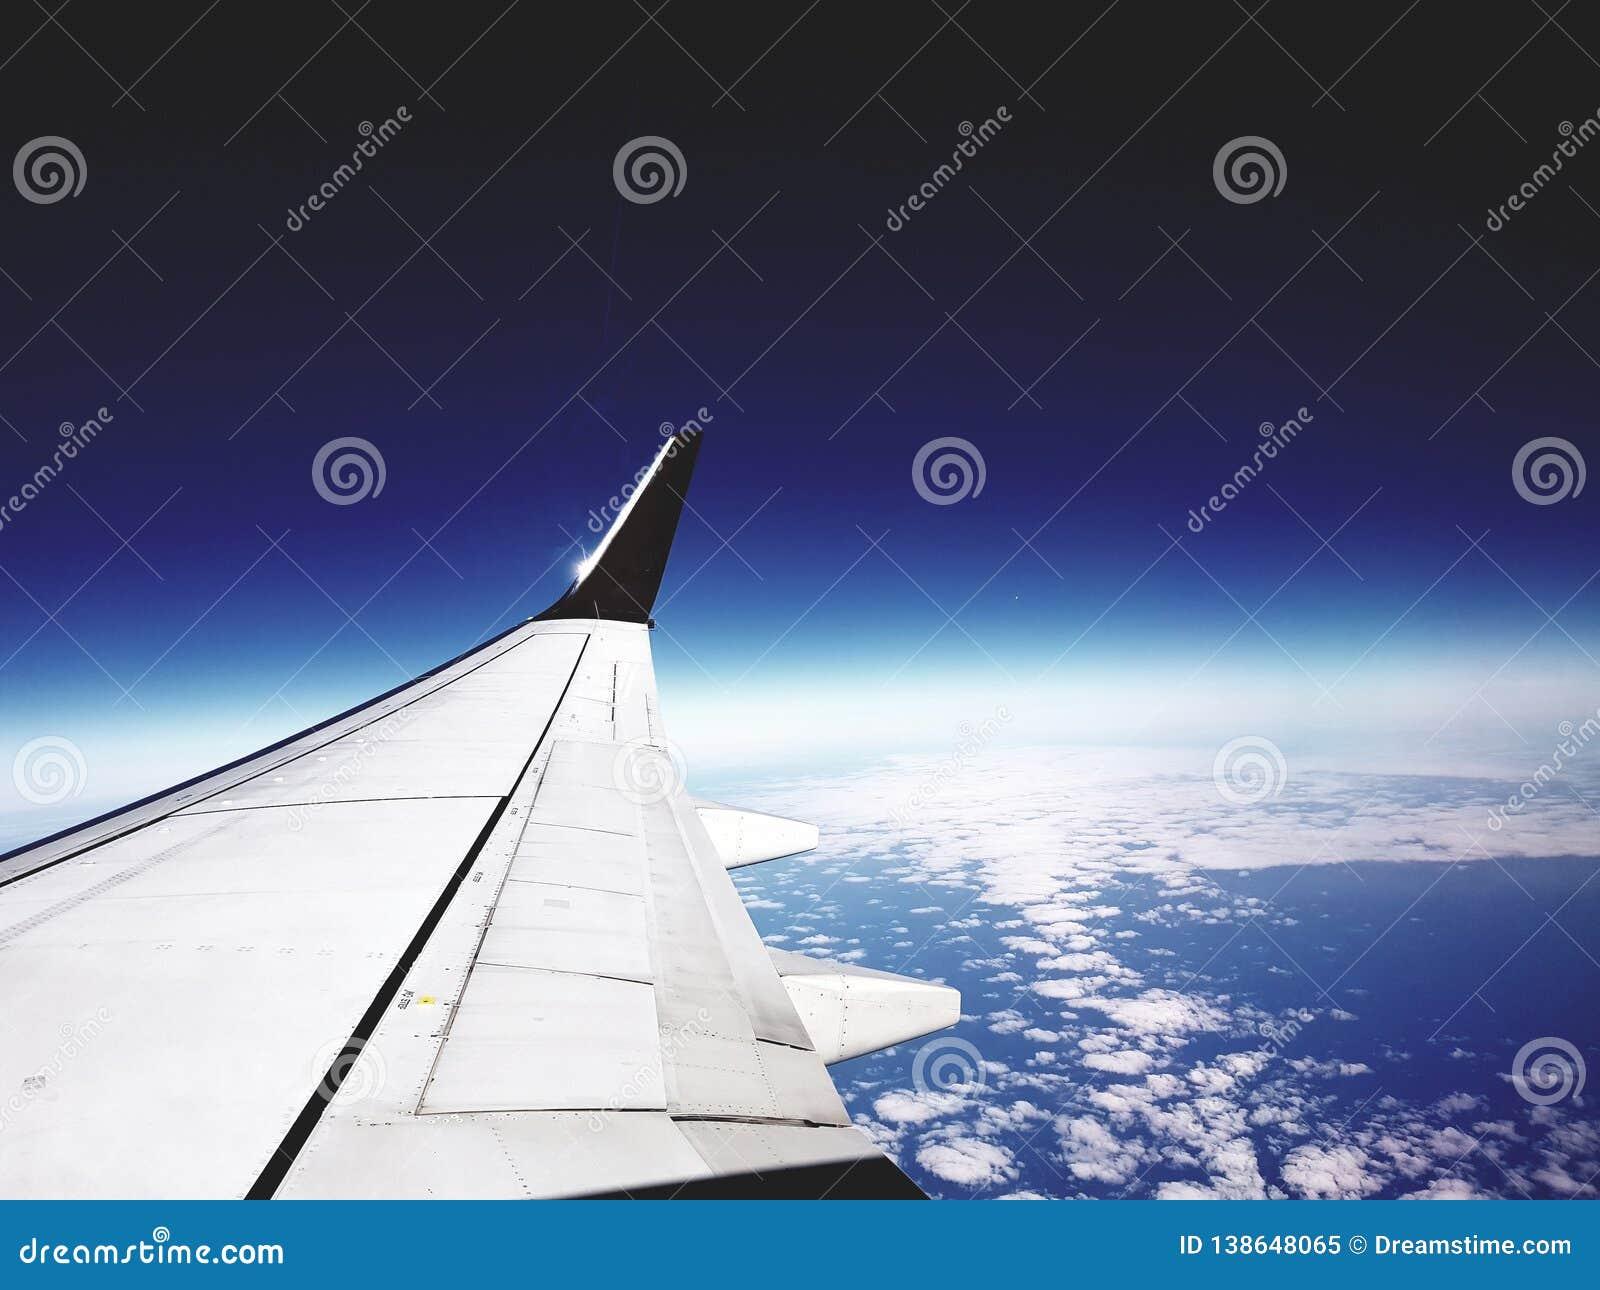 Φτερό αεροπλάνων πέρα από τη νεφελώδη γήινη επιφάνεια με το σκούρο μπλε ορίζοντα